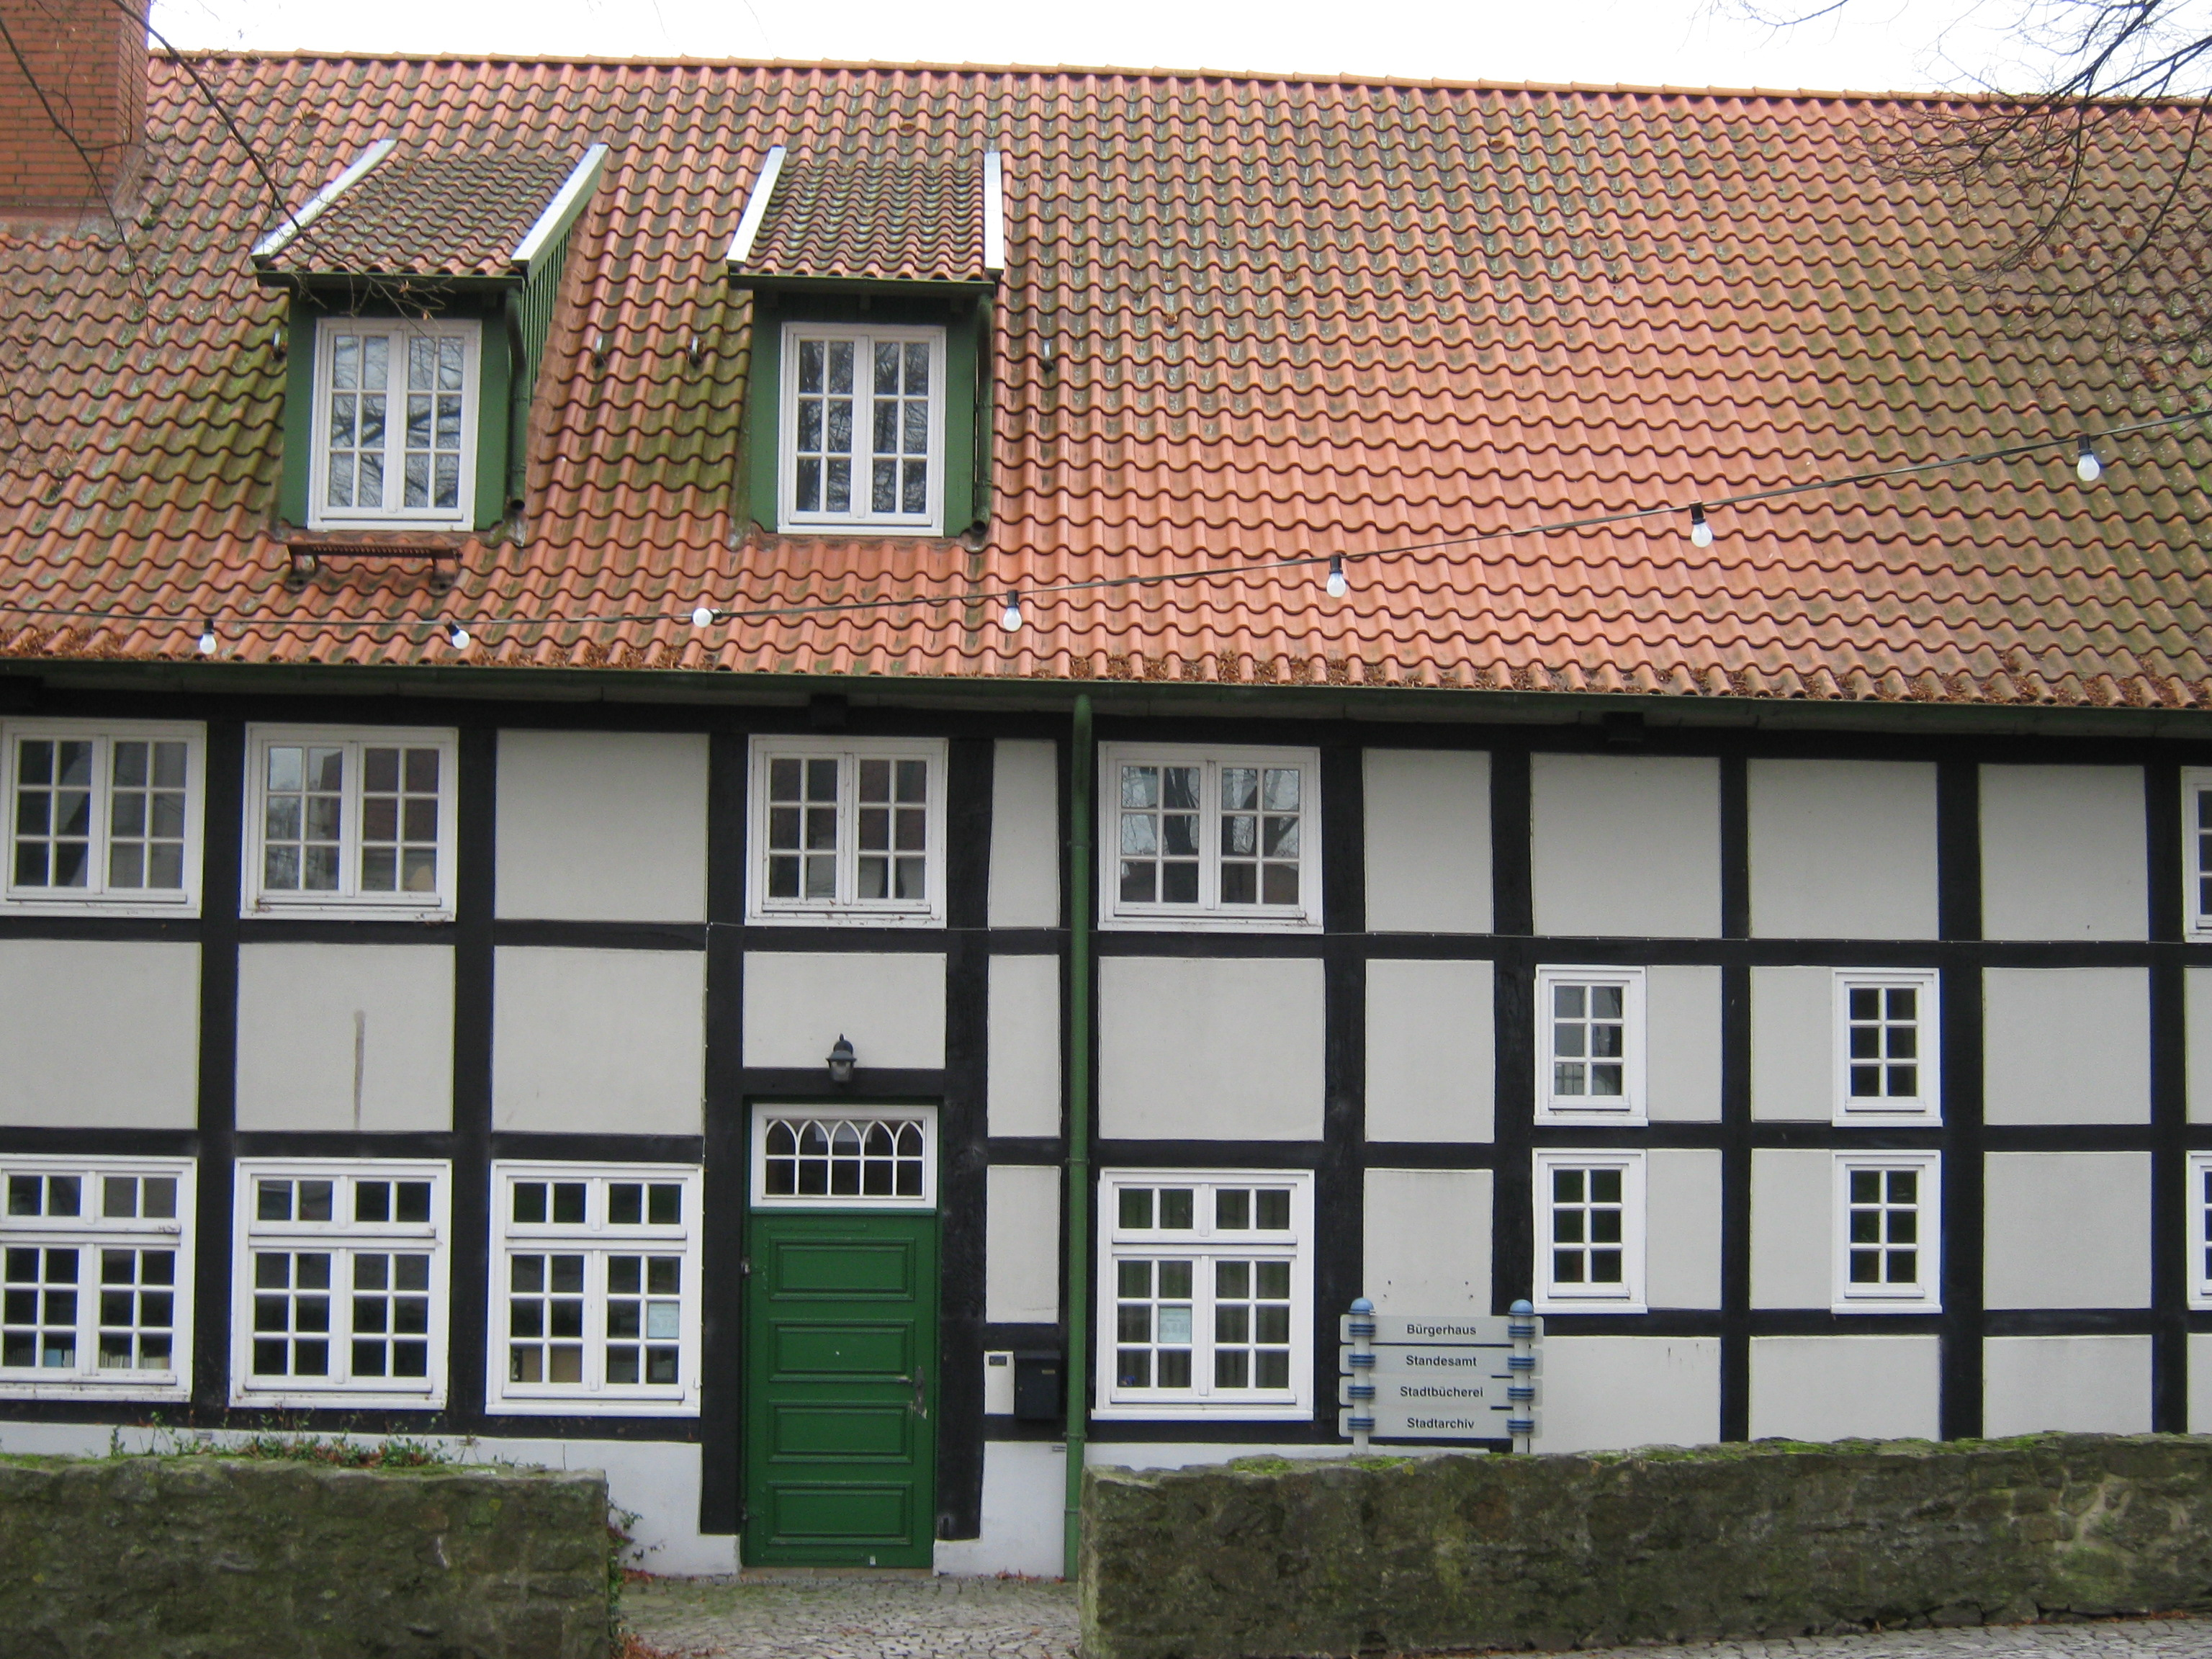 Stadtbücherei in Preußisch Oldendorf